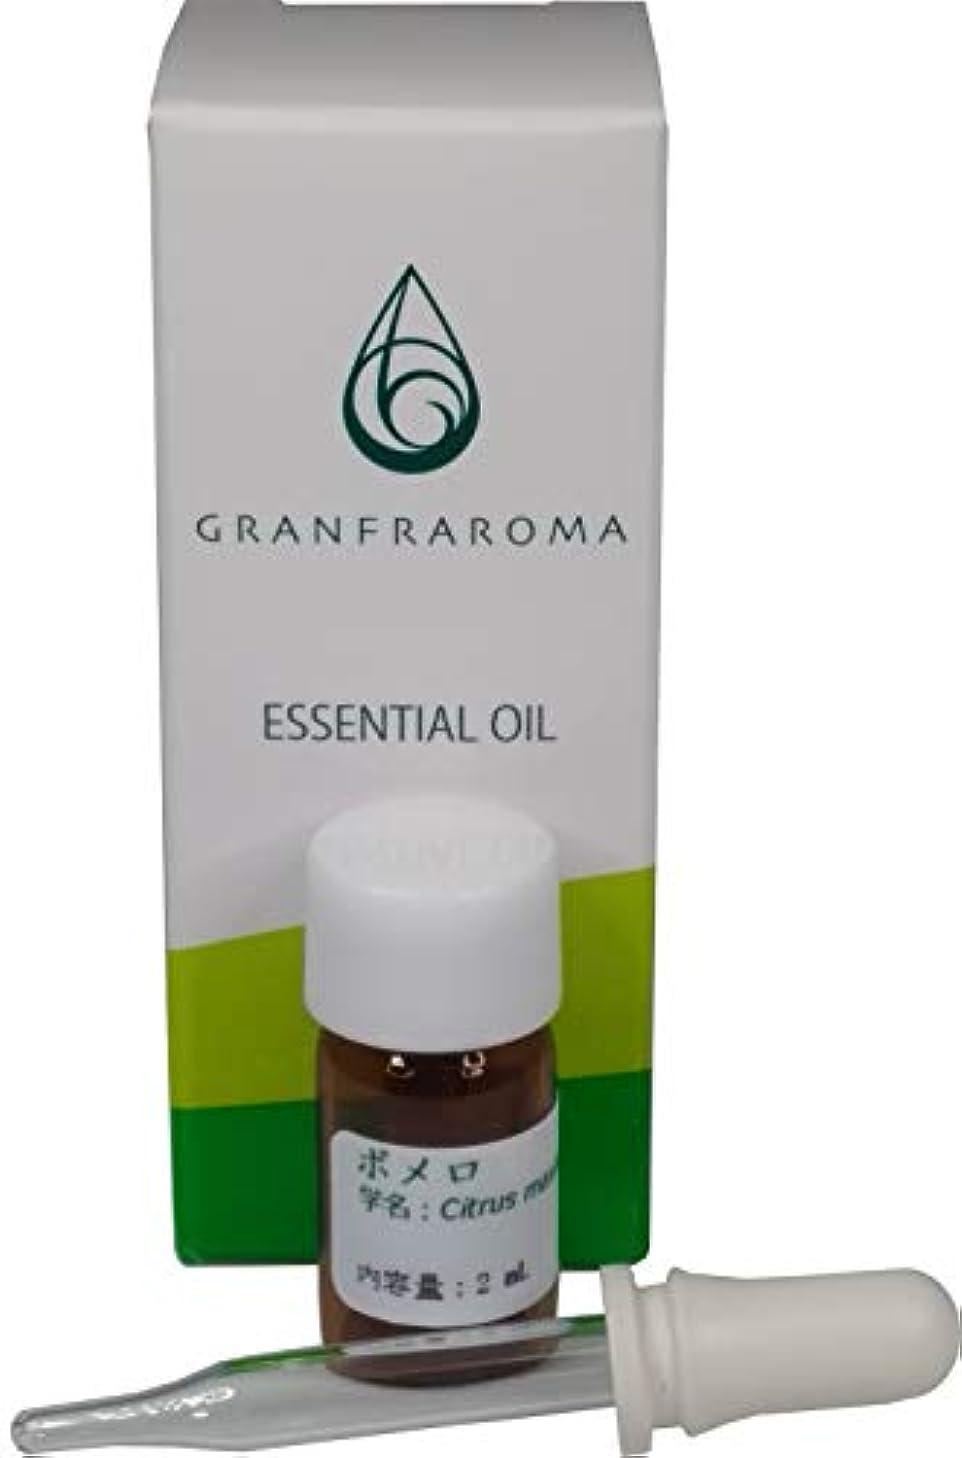 将来の出費贅沢な(グランフラローマ)GRANFRAROMA 精油 ポメロ 溶剤抽出法 エッセンシャルオイル 2ml